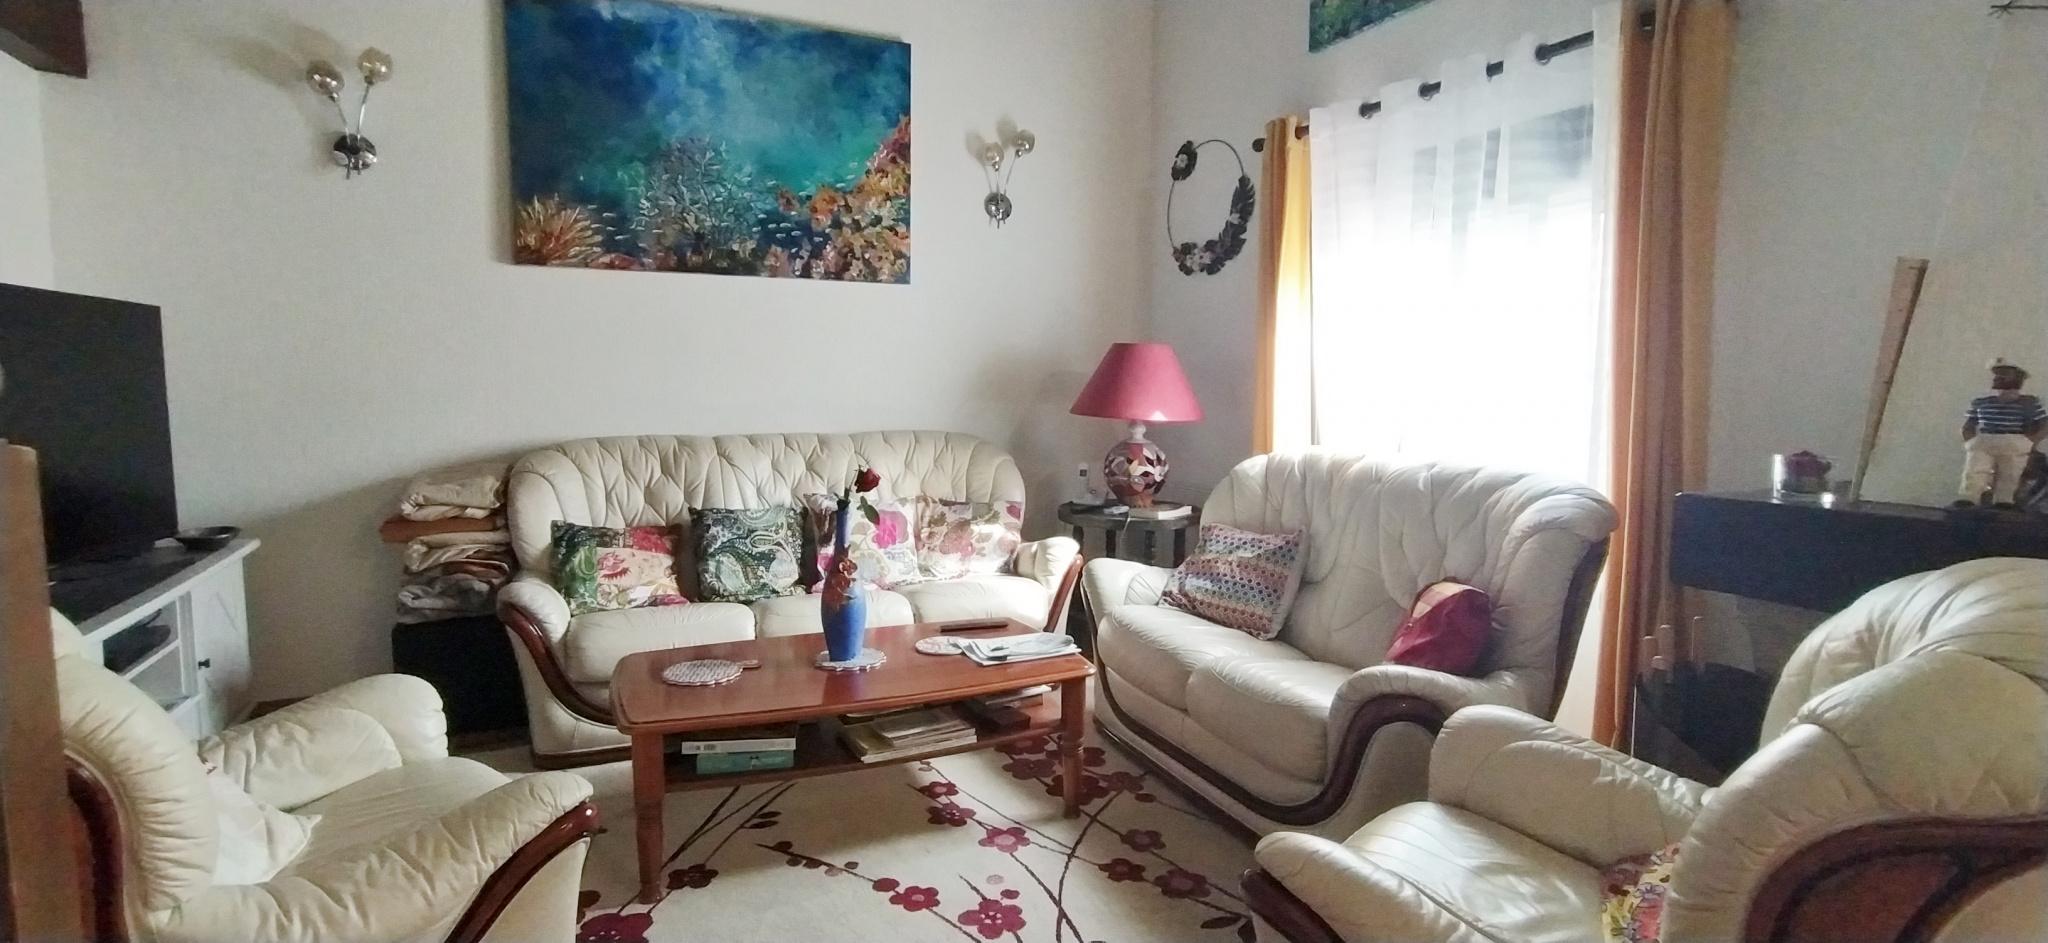 À vendre maison/villa de 140m2 à argeles sur mer (66700) - Photo 4'